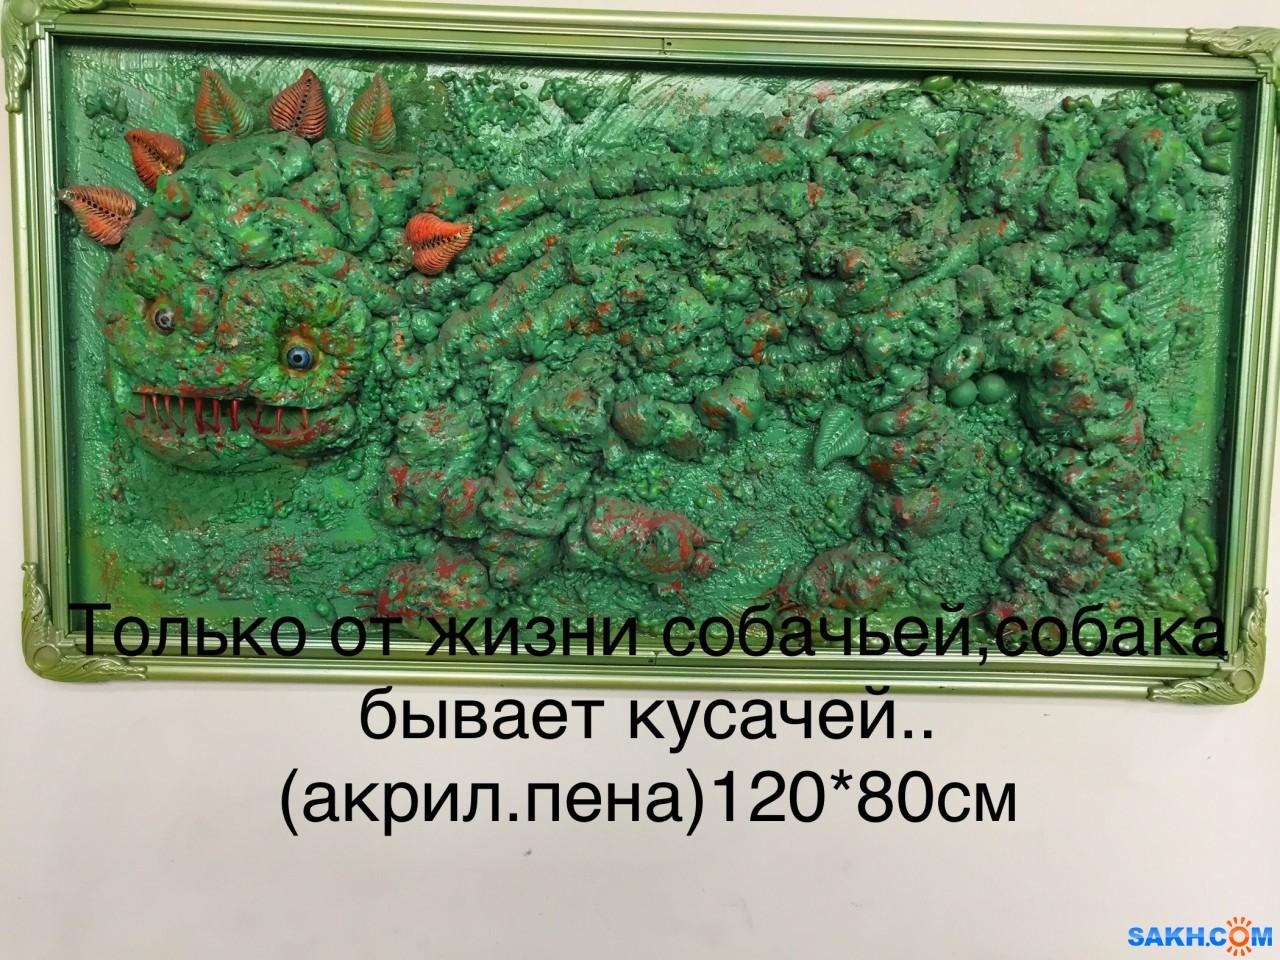 MRAK: E6569F1E-7EAC-45DF-9FDC-0C6A9B08B83E